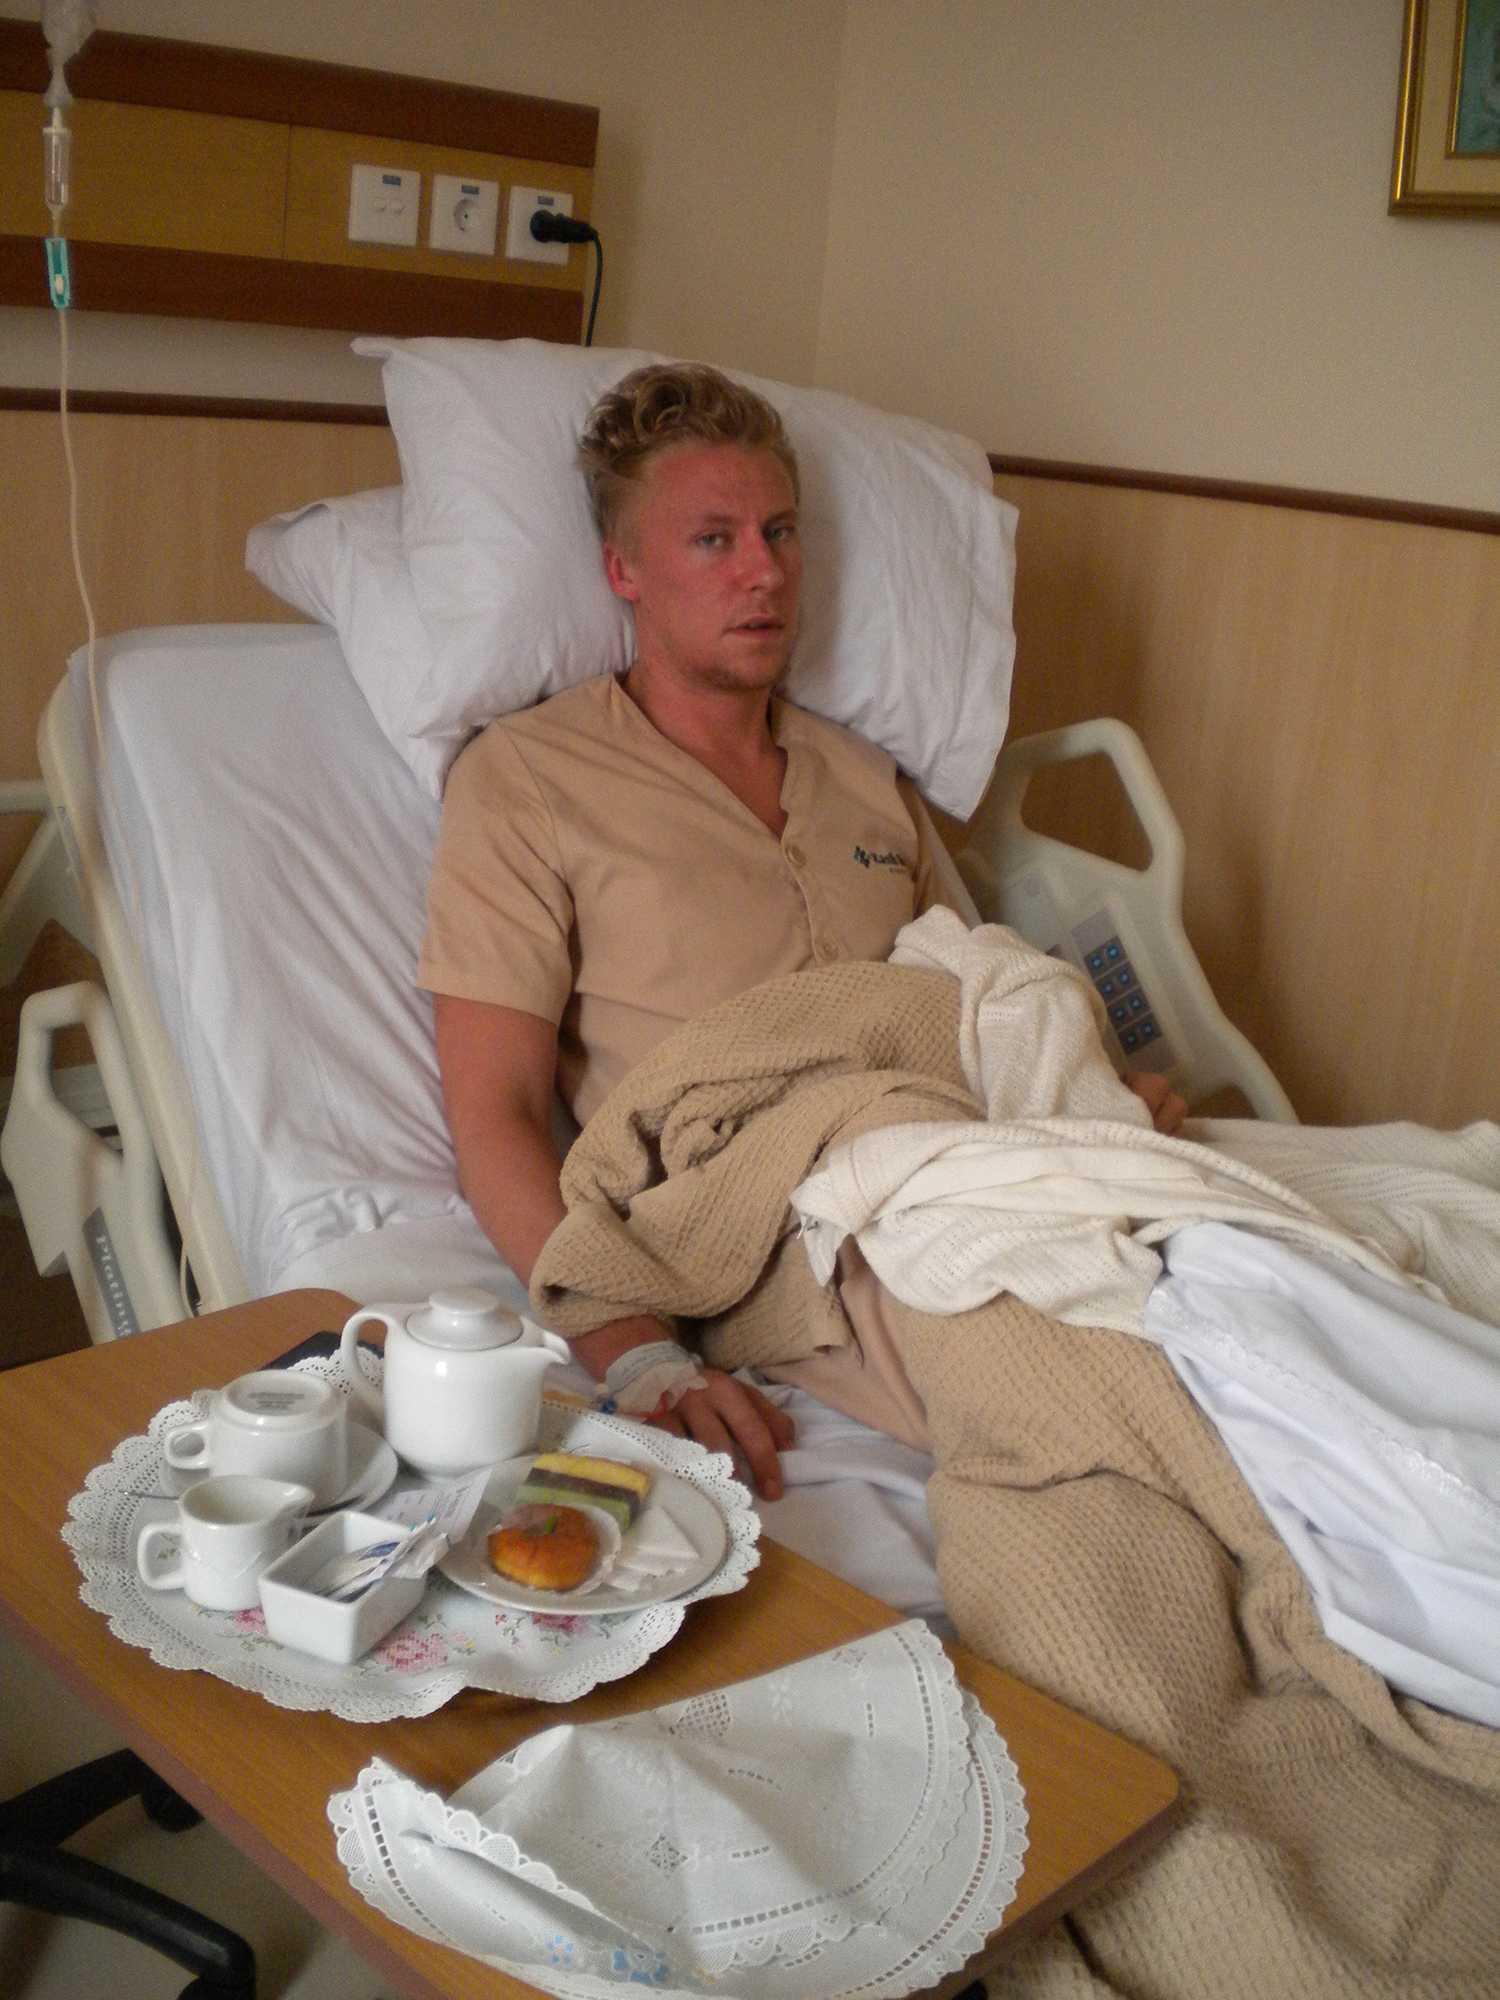 Leo Brood Björk utslagen i sjuksängen.